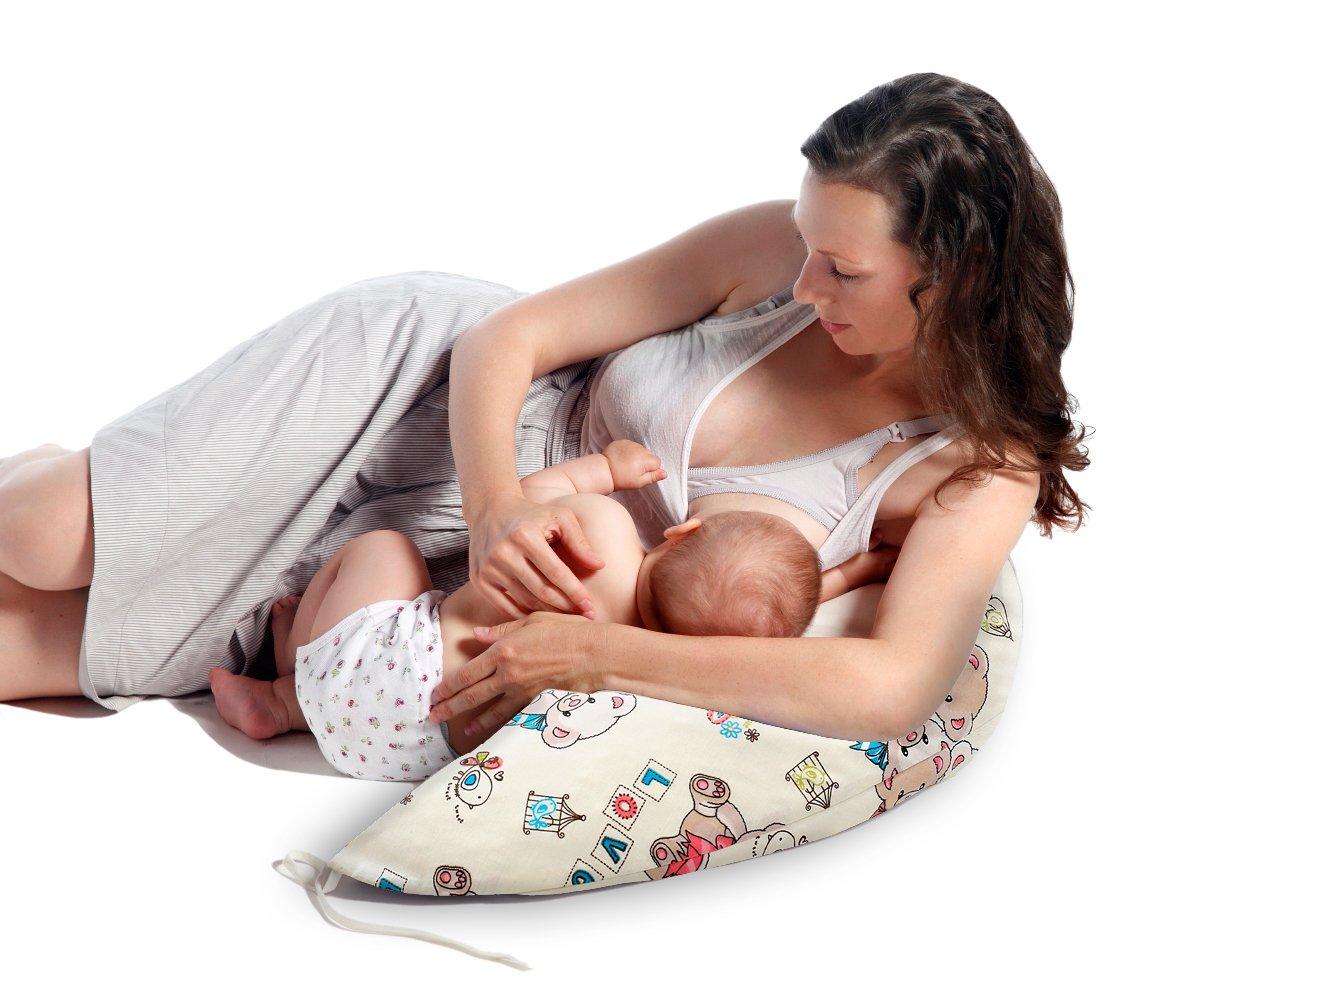 Cojin de Lactancia , Almohada bebe , Almohadas de Maternidad con de copos de Látex , Cojin de Embarazo amamantamiento Multifunción Almohada 170 centimeter: ...